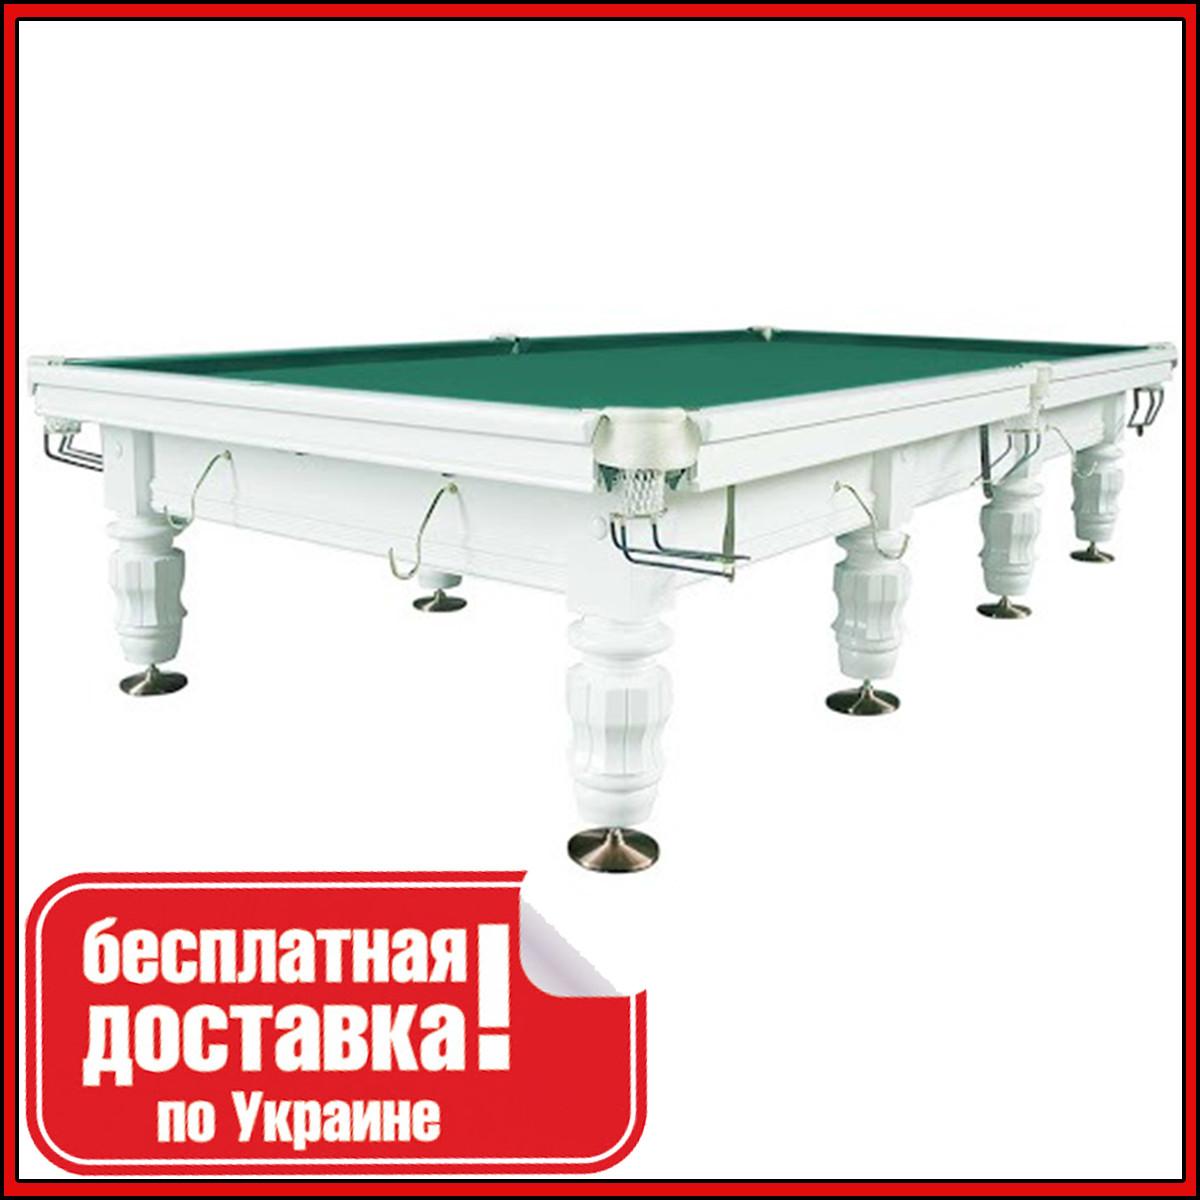 Більярдний стіл для піраміди МОЦАРТ 10 футів Ардезія 38 мм 2.8 м х 1.4 м з натурального дерева